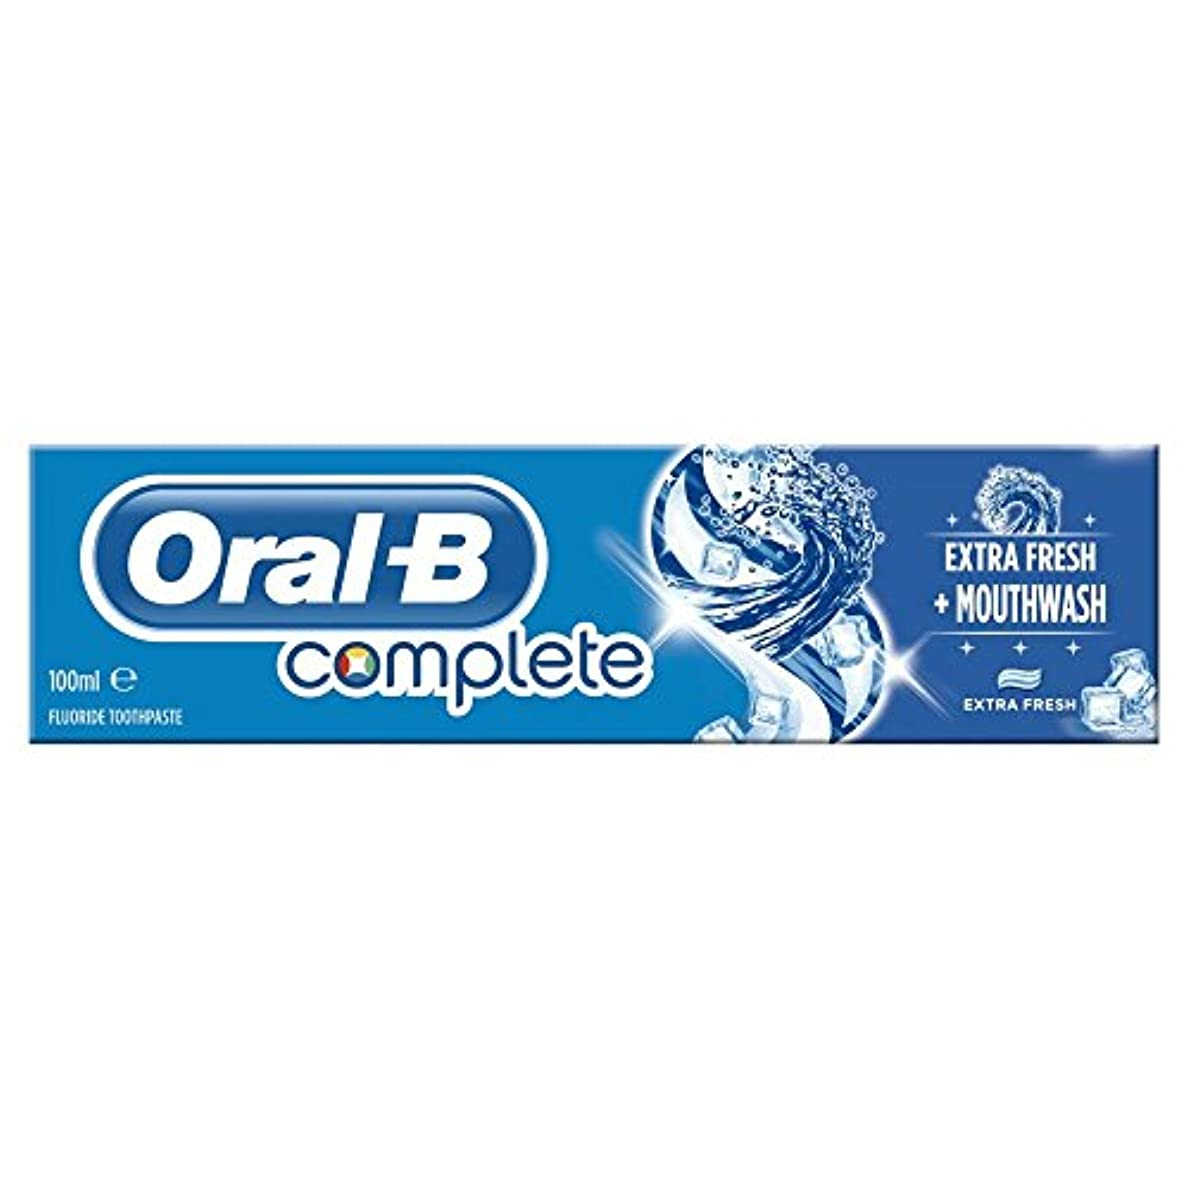 敷居アレイ真夜中Oral B Complete Extra Fresh Toothpaste (100ml) 経口b完全な余分な新鮮な歯磨き粉( 100ミリリットル) [並行輸入品]